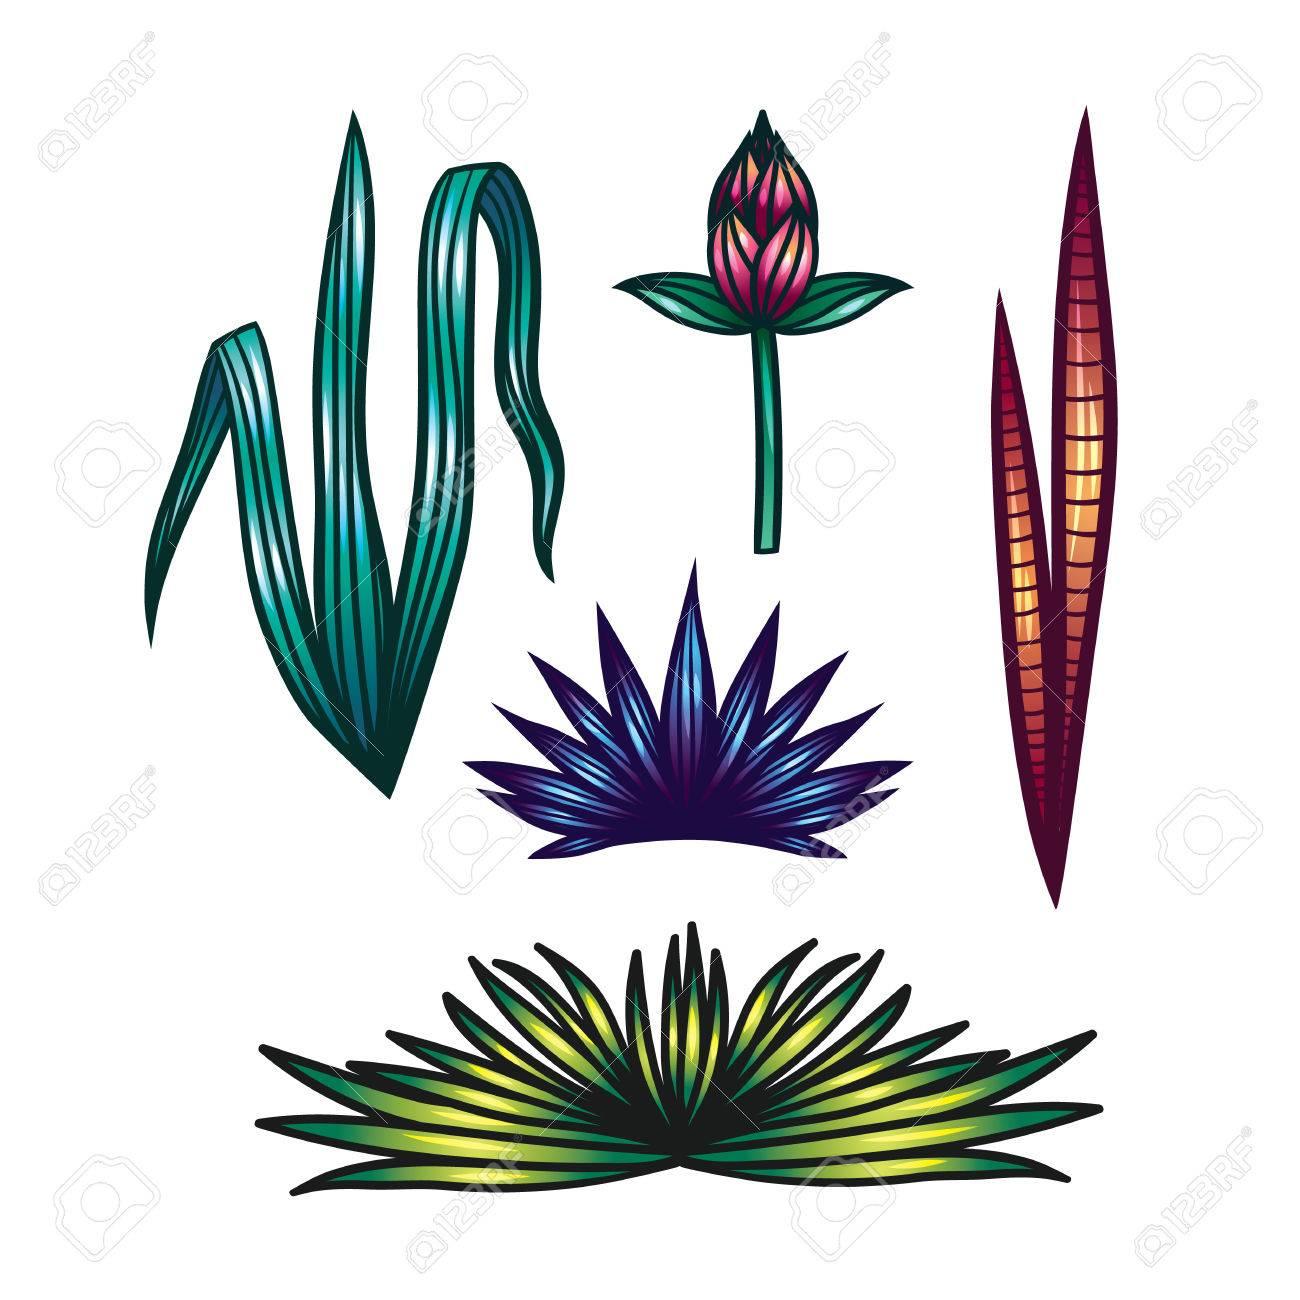 Farbvektor Satz Von Blättern Von Tropischen Pflanzen. Handzeichnung ...